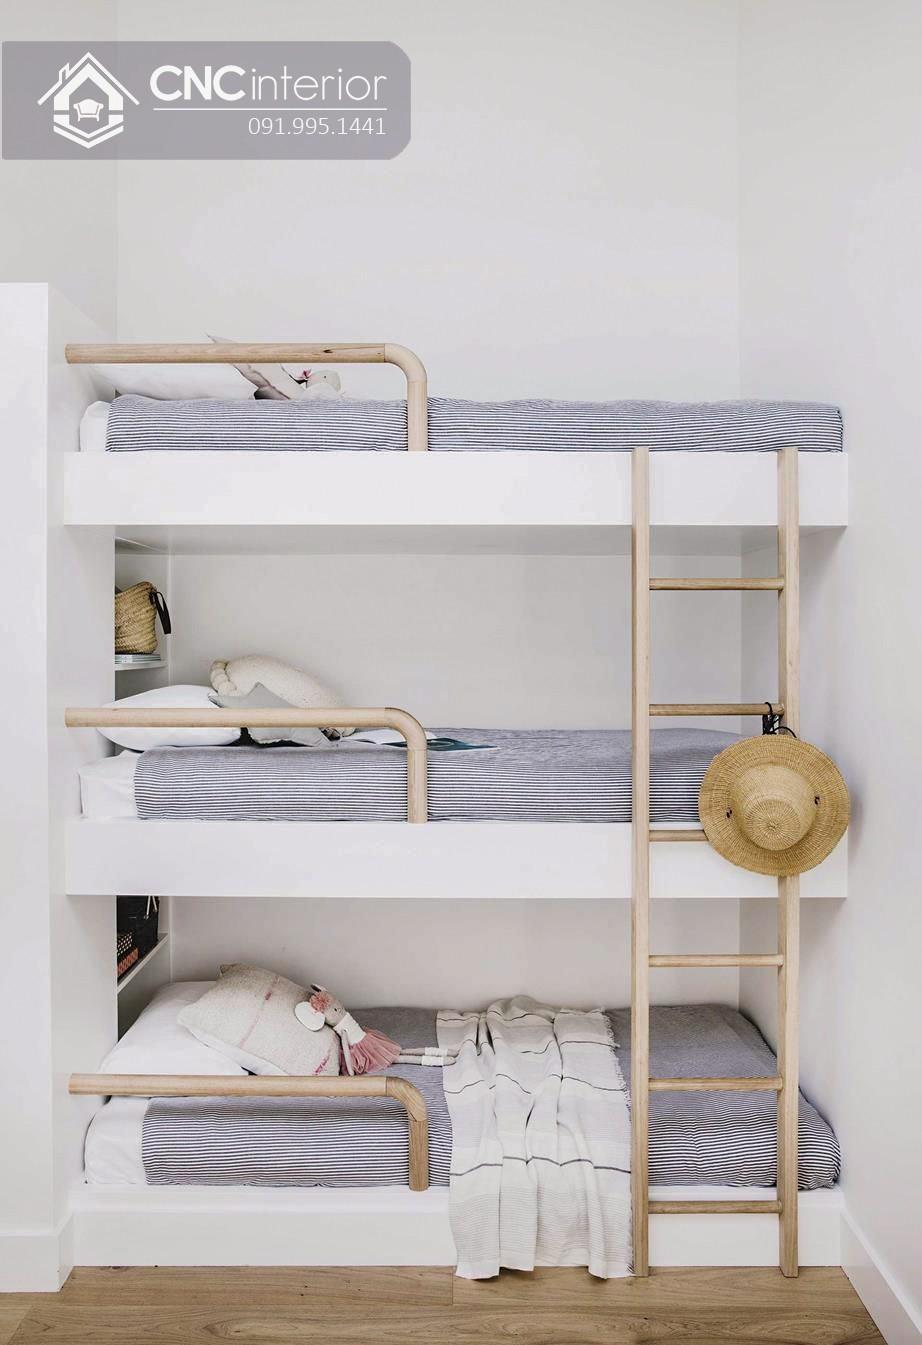 Mẫu giường tầng cho người lớn CNC 12